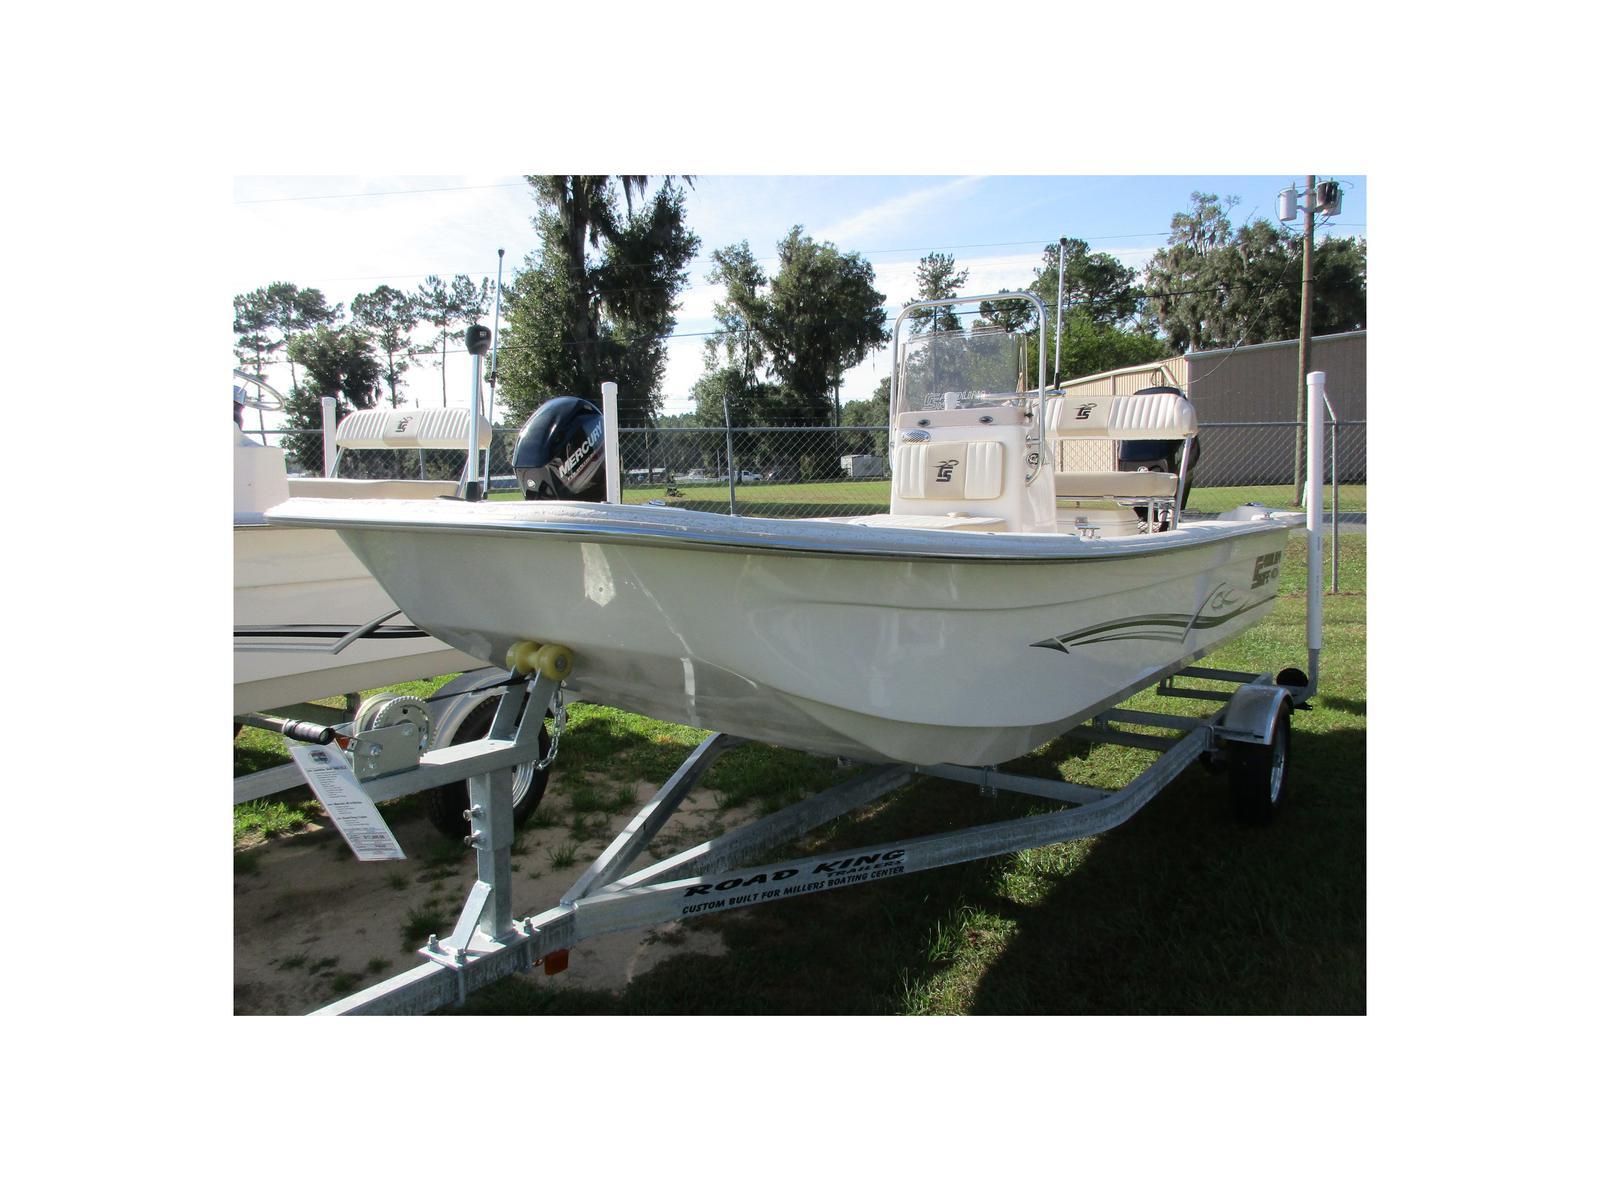 2019 carolina skiff 1655 dlx for sale in ocala fl millers boating rh millersboating com